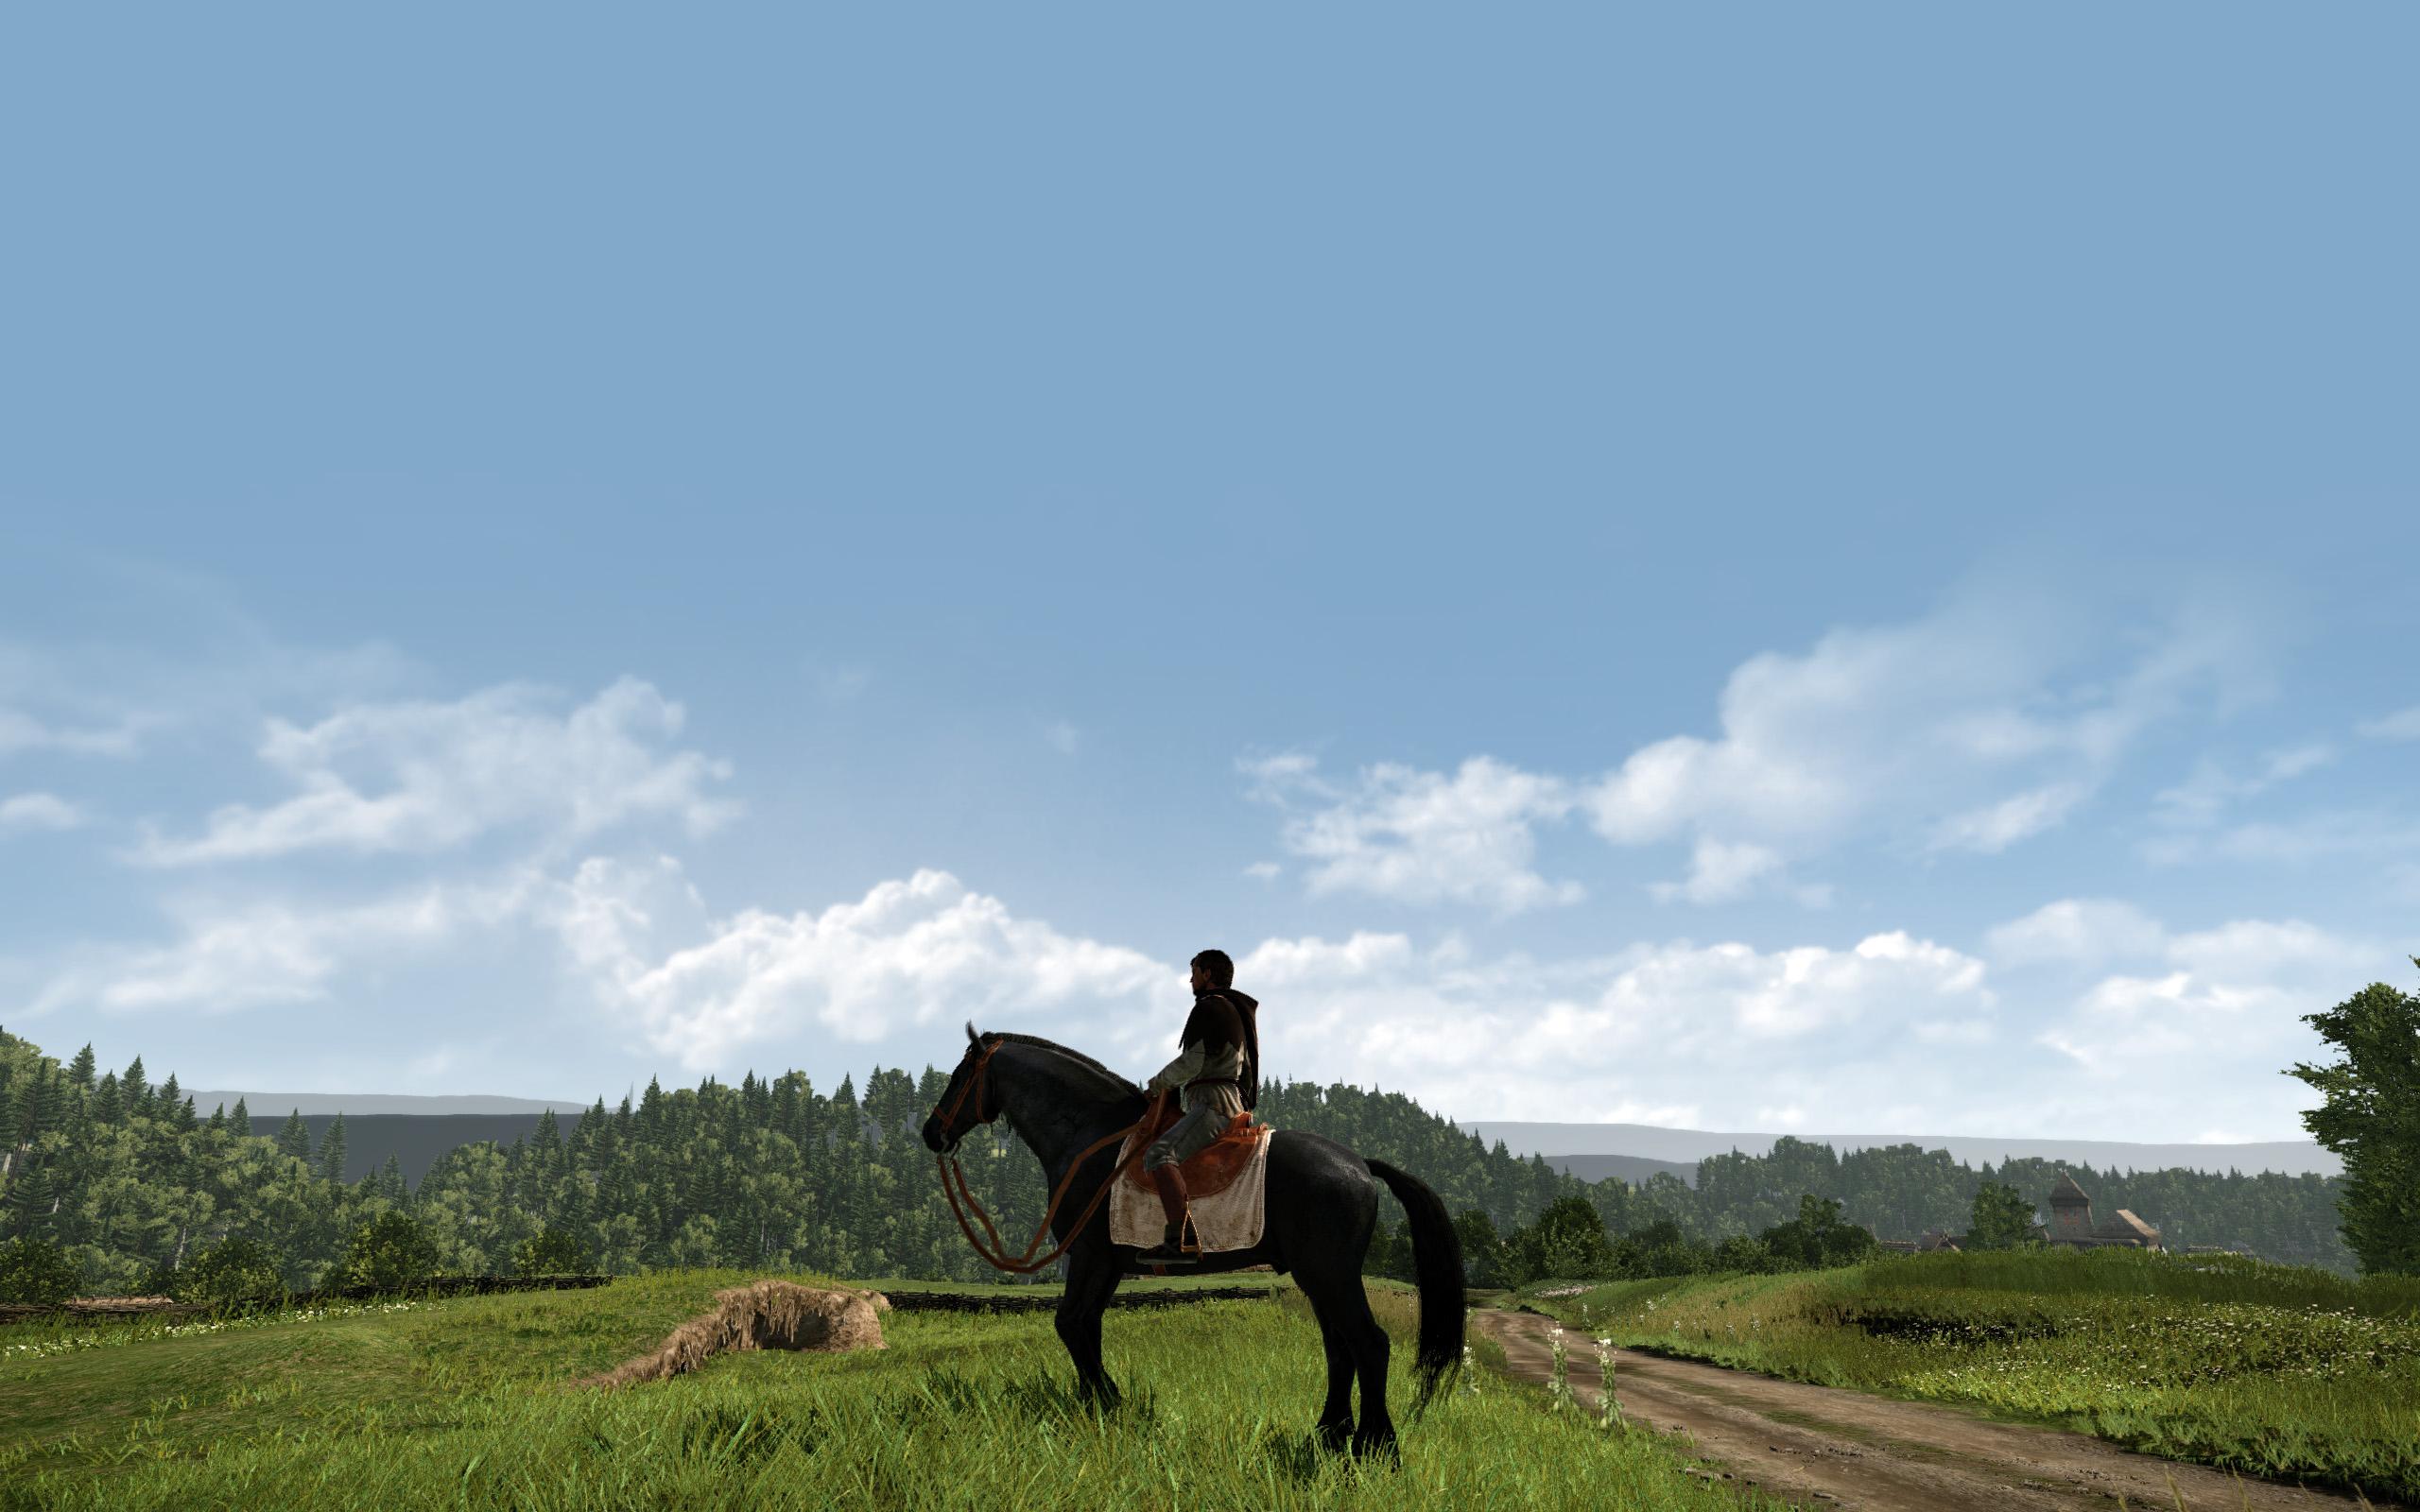 72433_UDfMlcxQwP_kc_deliverance_horse_sky_pc_game.jpg